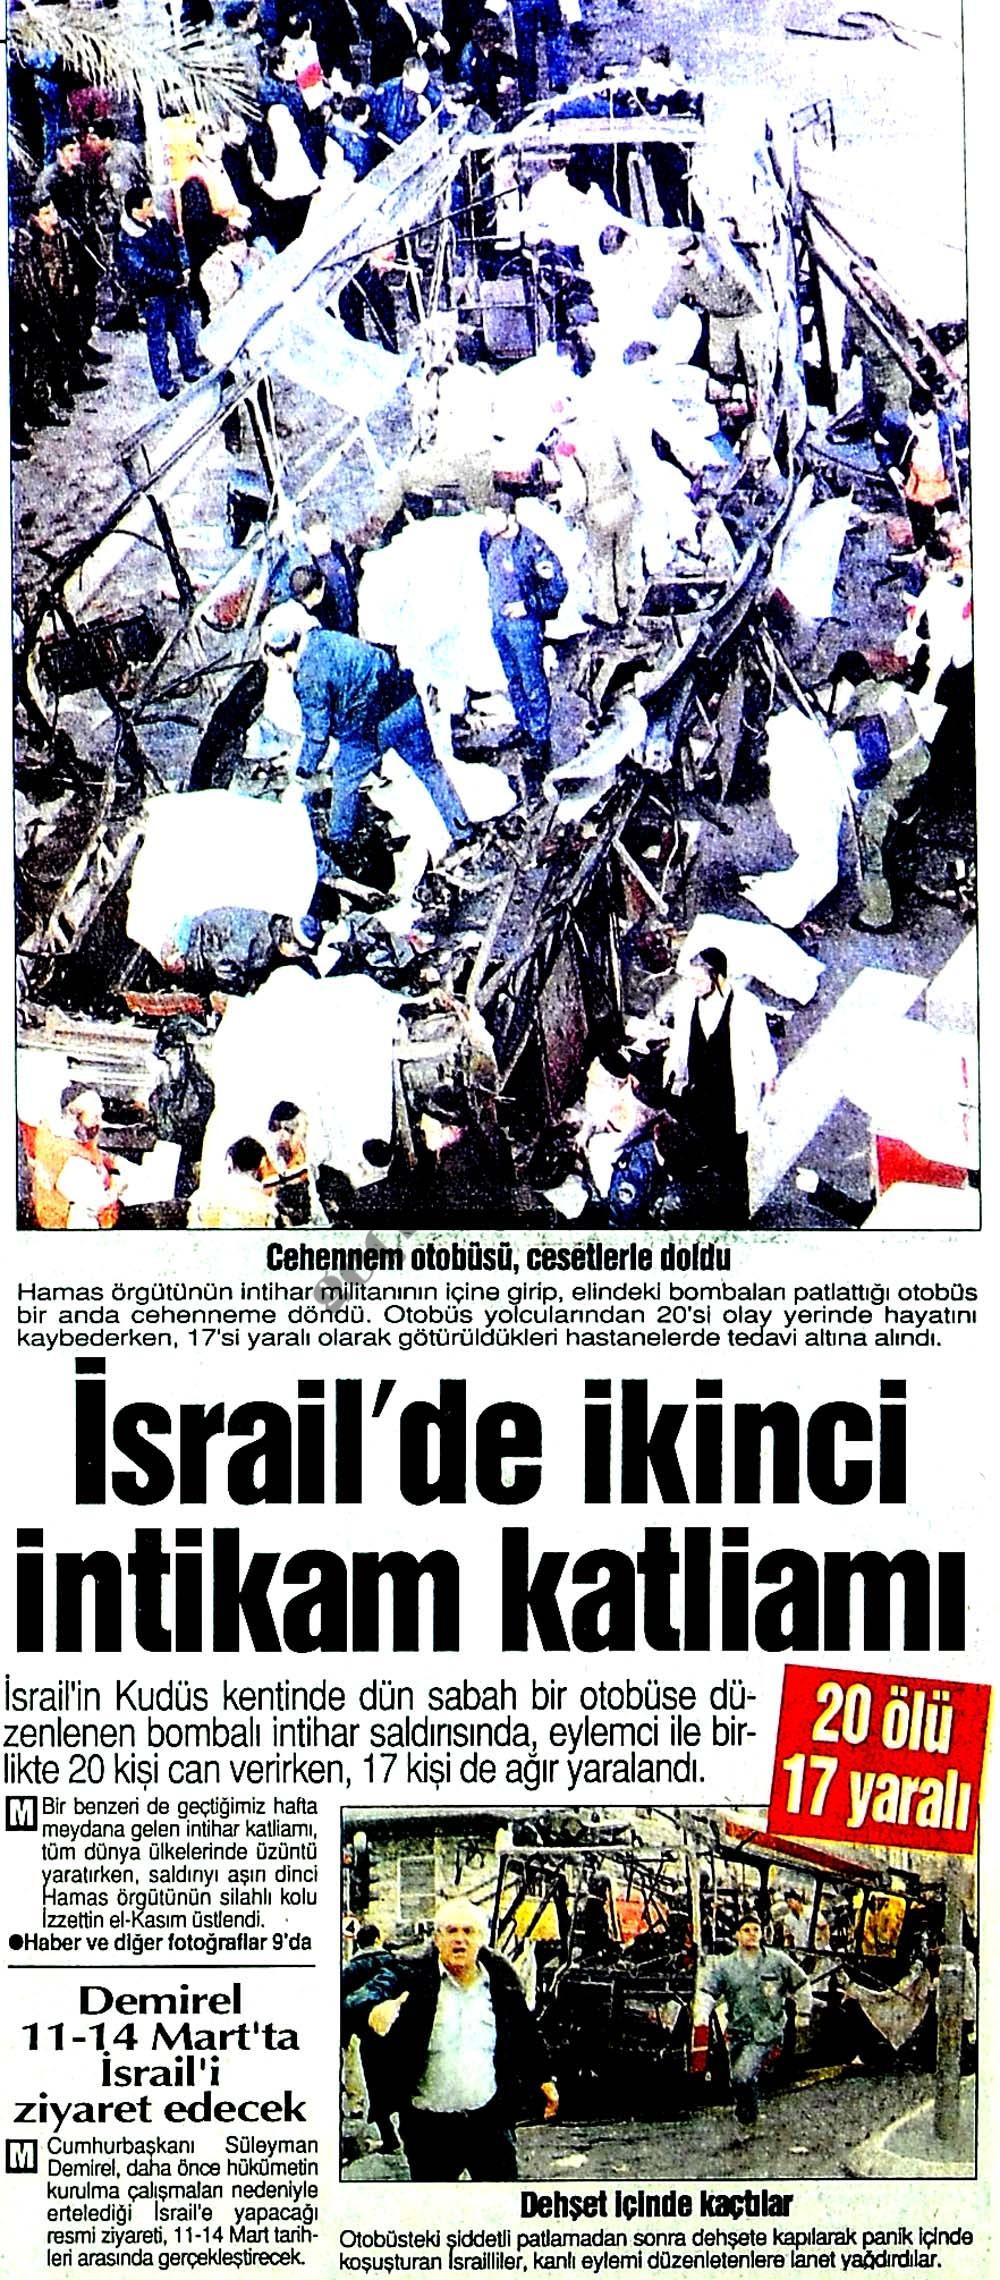 İsrail'de ikinci intikam katliamı